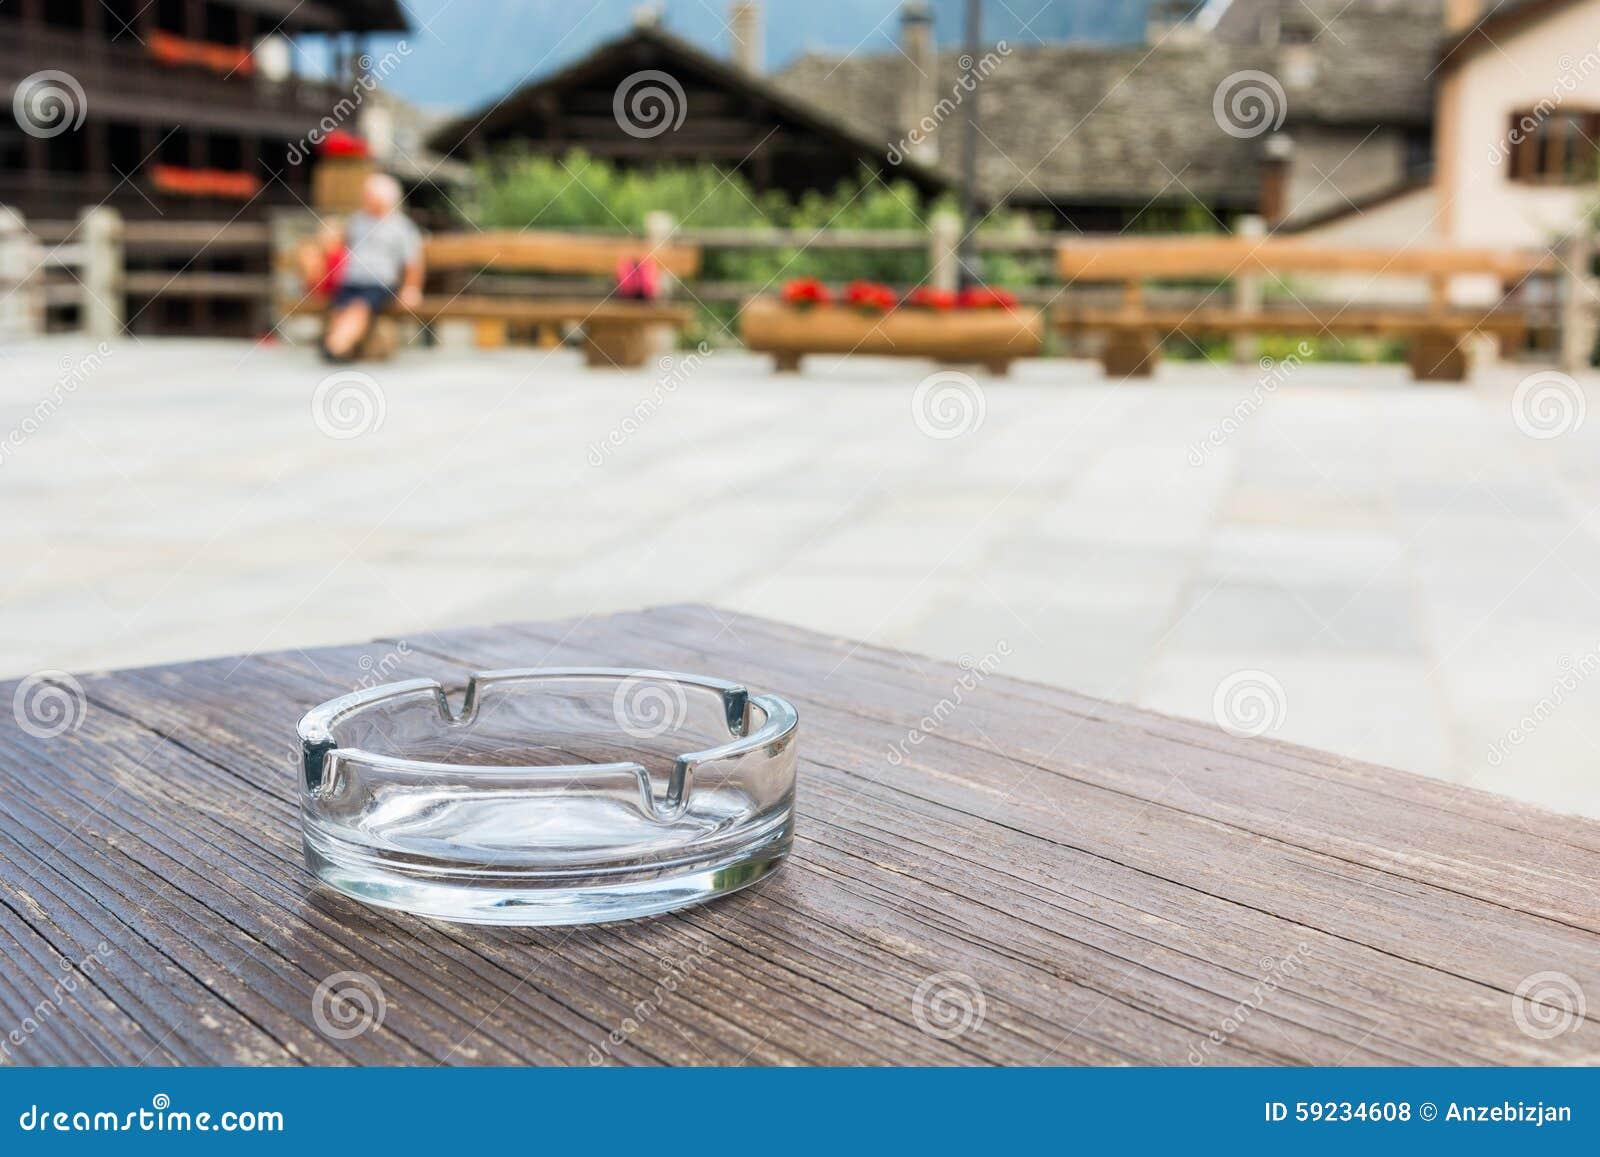 Download Cenicero De Cristal Vacío En Una Tabla De Madera Foto de archivo - Imagen de apego, peligro: 59234608